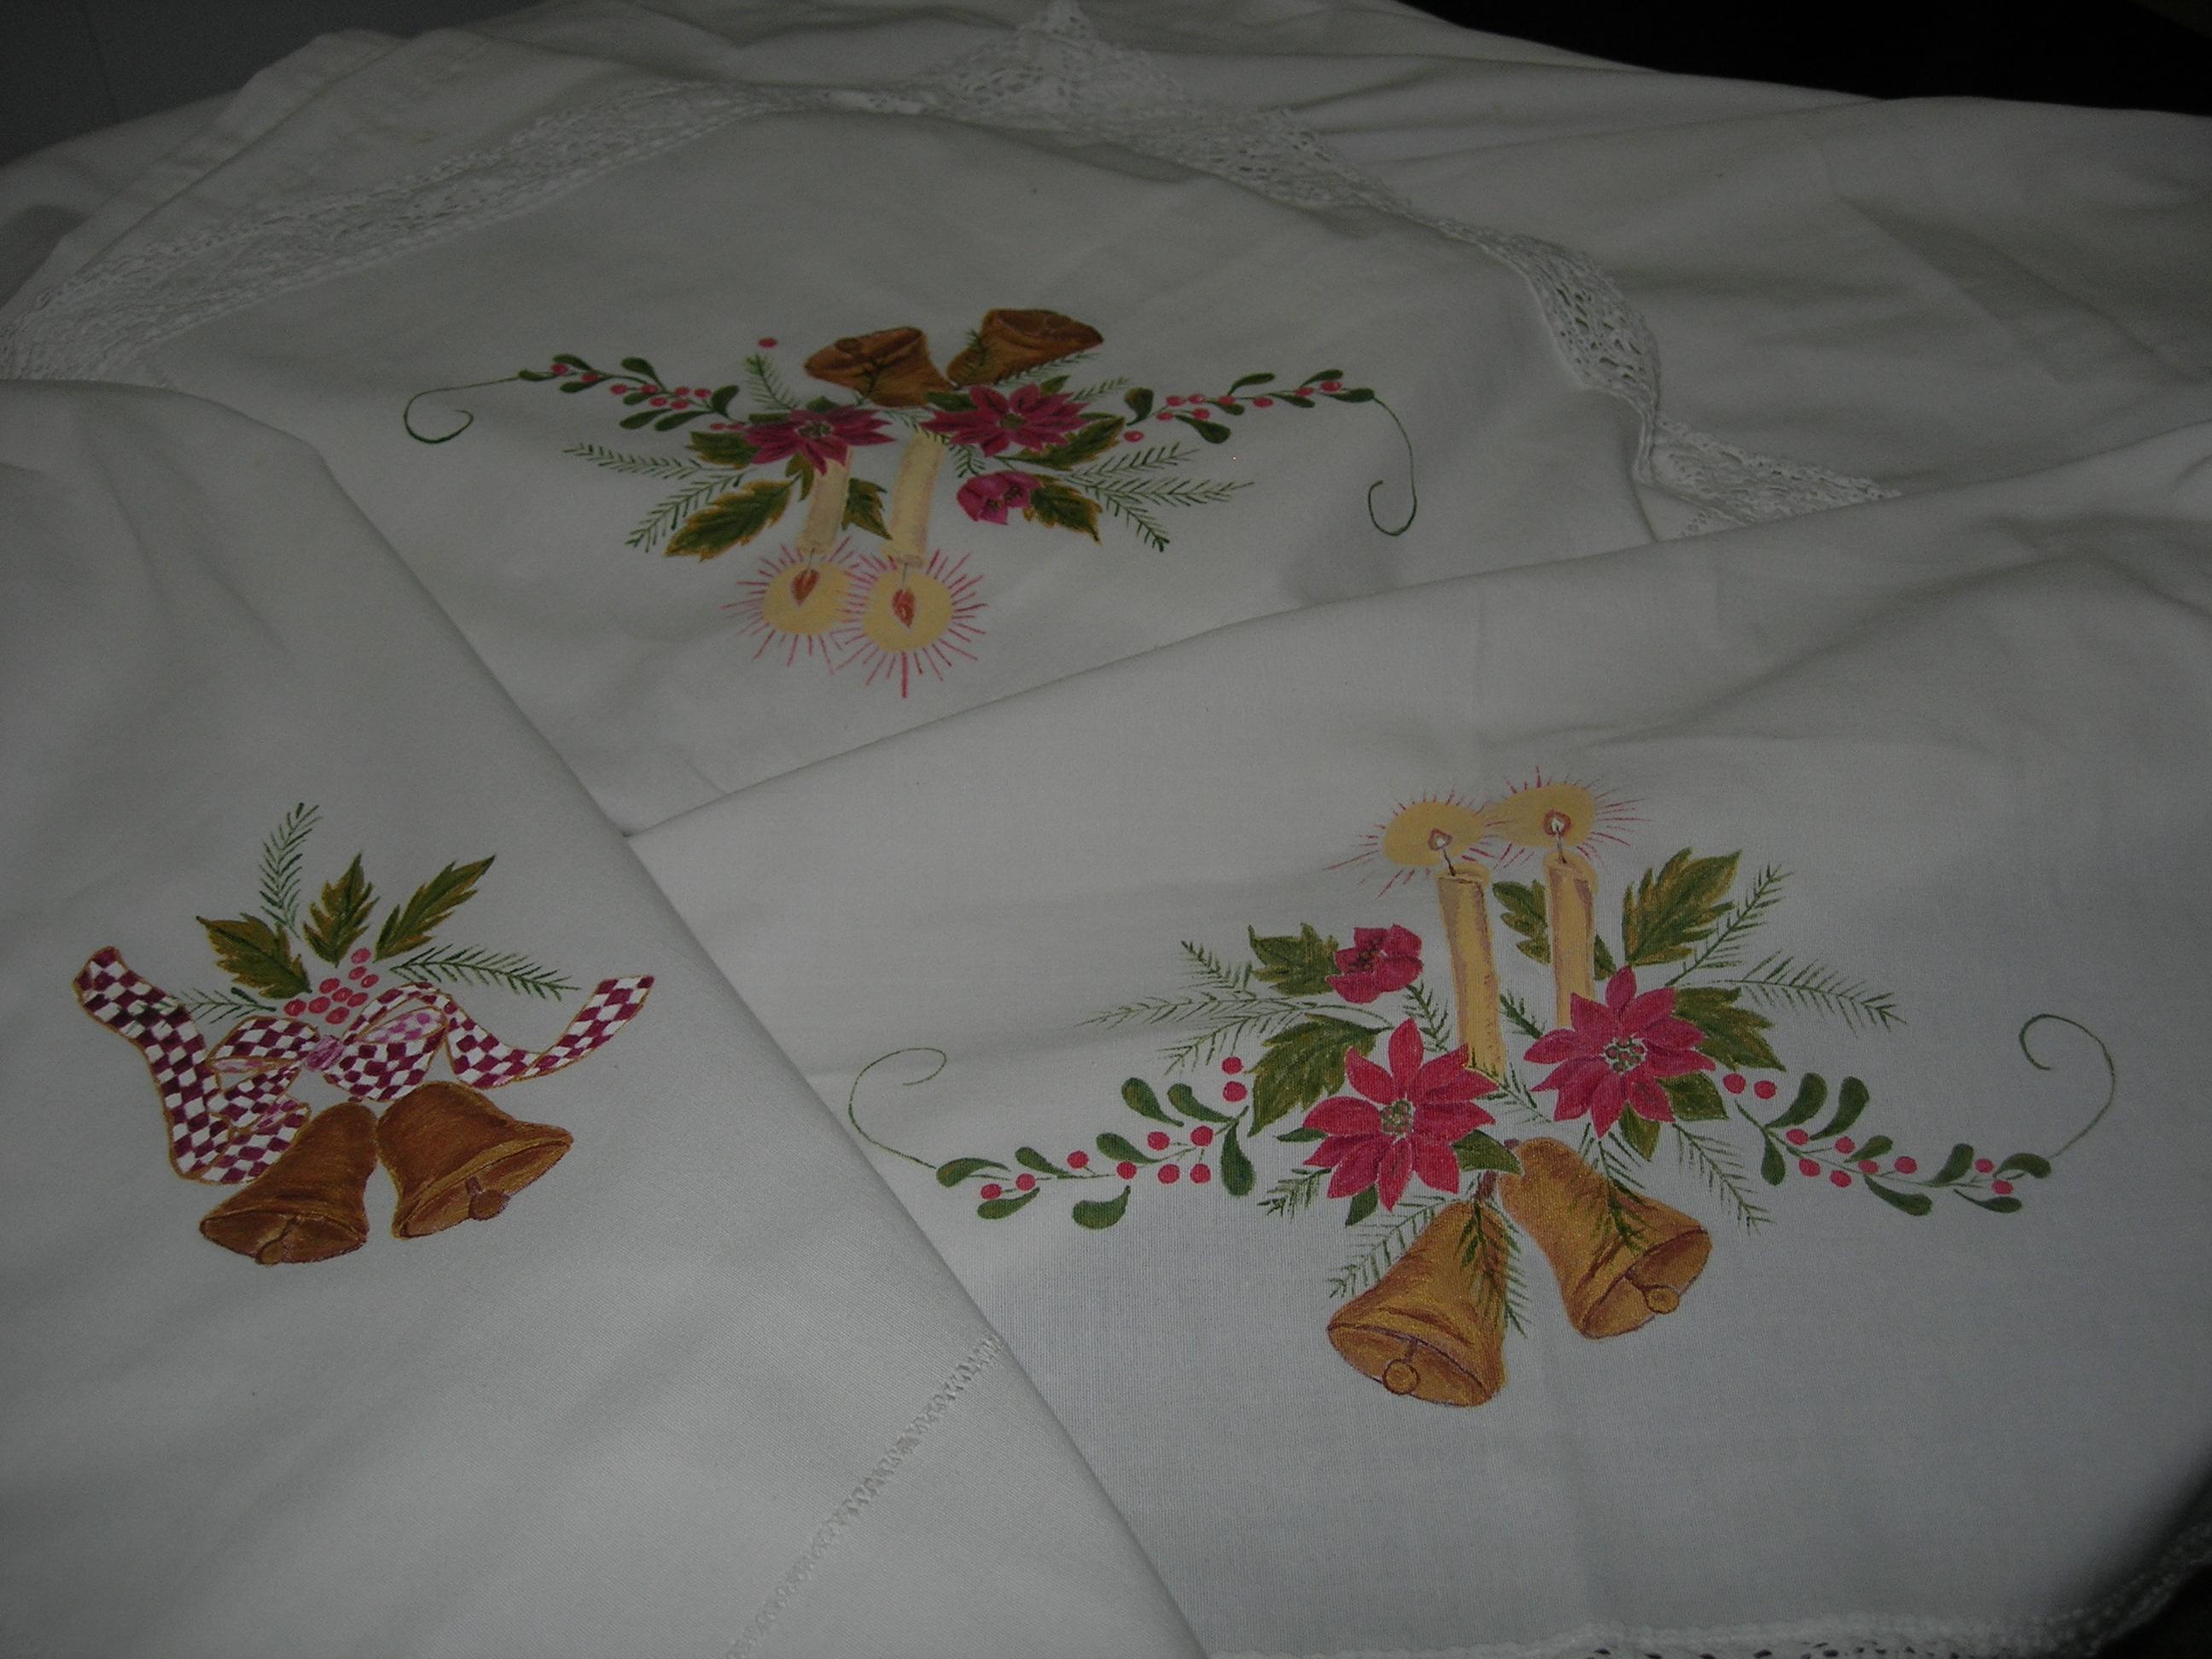 Dibujos para pintar un mantel de navidad dibujos para pintar - Pintura en tela motivos navidenos ...